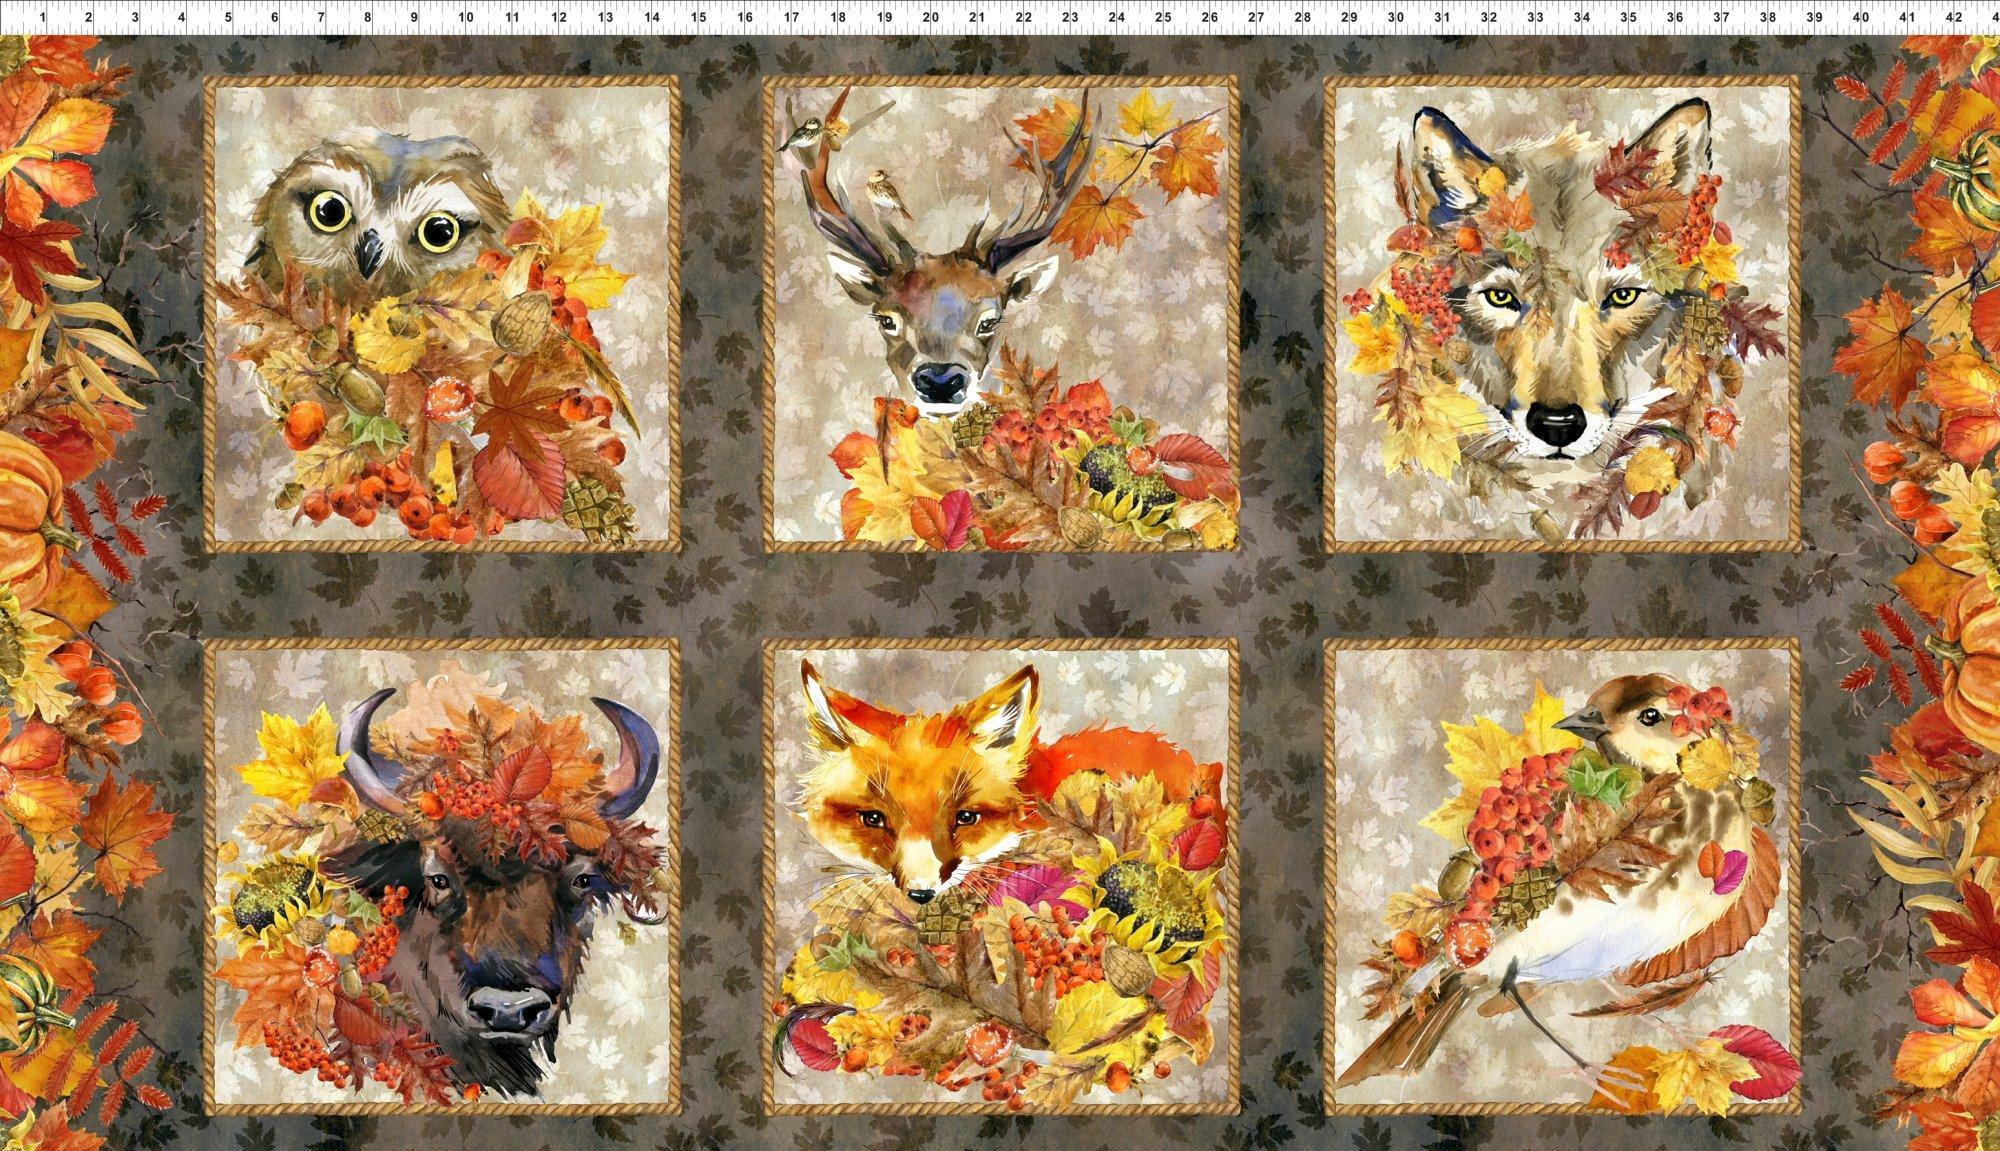 Our Autumn Friends Panel